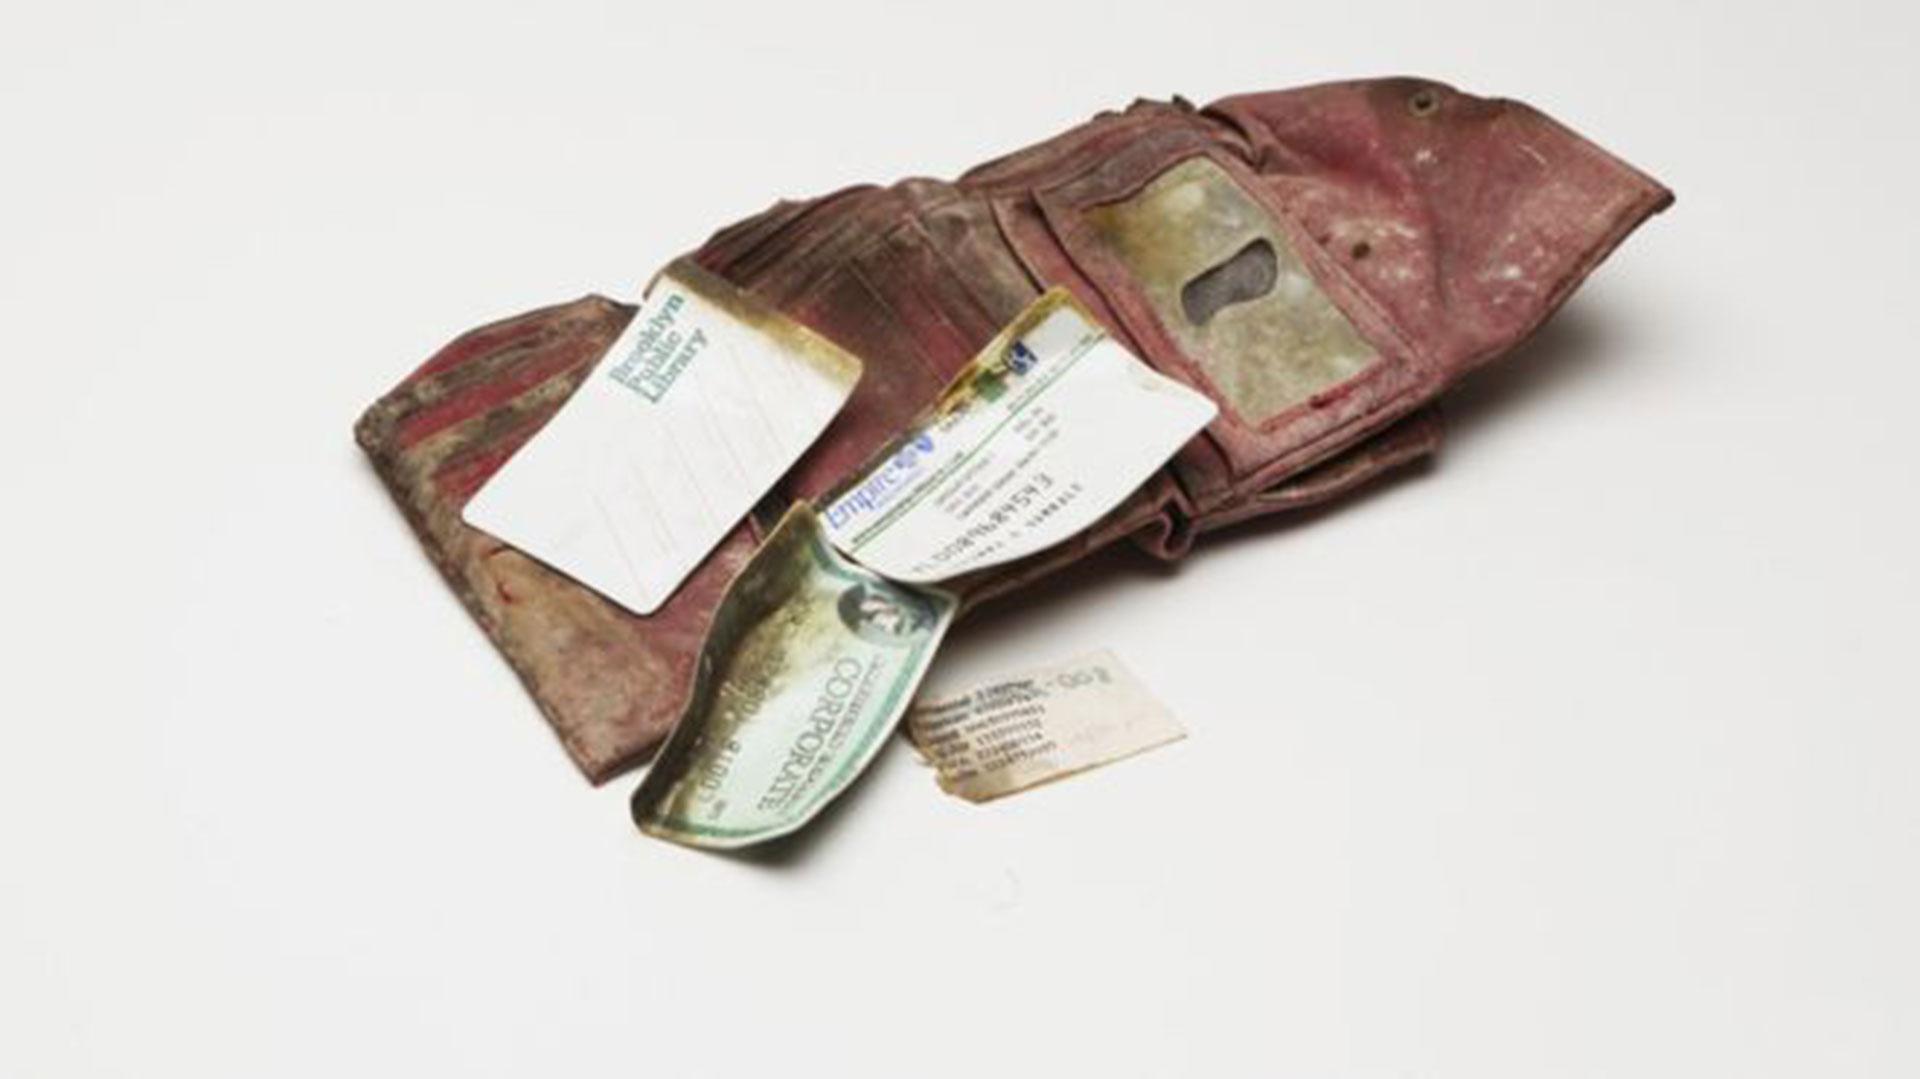 La billetera de Gennie Gambale, una de las víctimas. Fue encontrada en el techo del cercano Hotel Marriott por una policía que, increíblemente, conocía a la joven ejecutiva